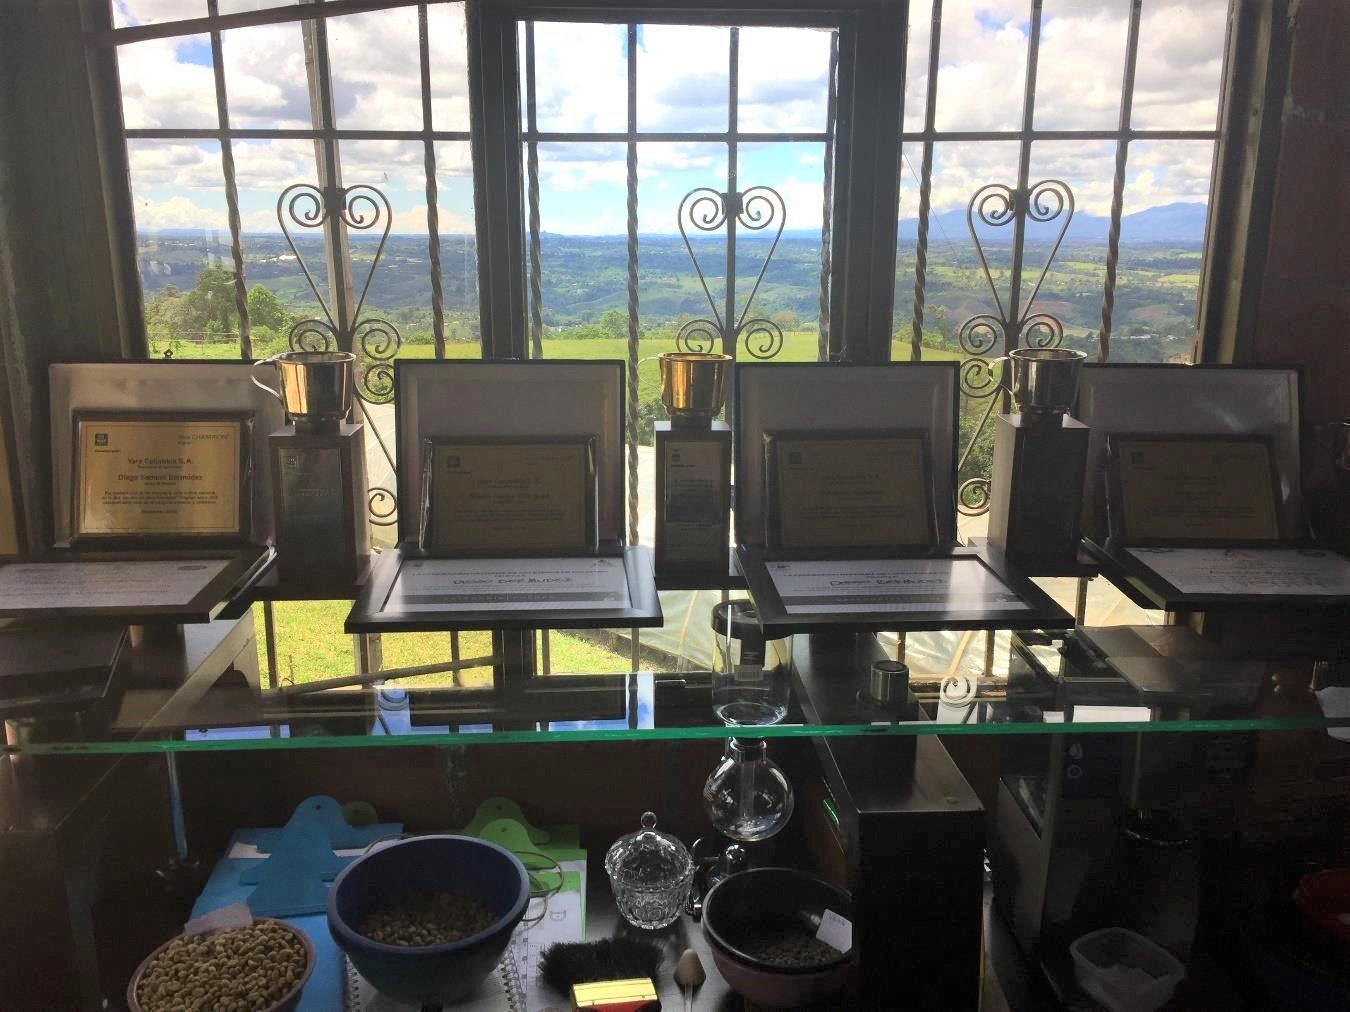 特別なコーヒー豆、《究極の逸品》を新入荷and限定ブレンド販売開始しました